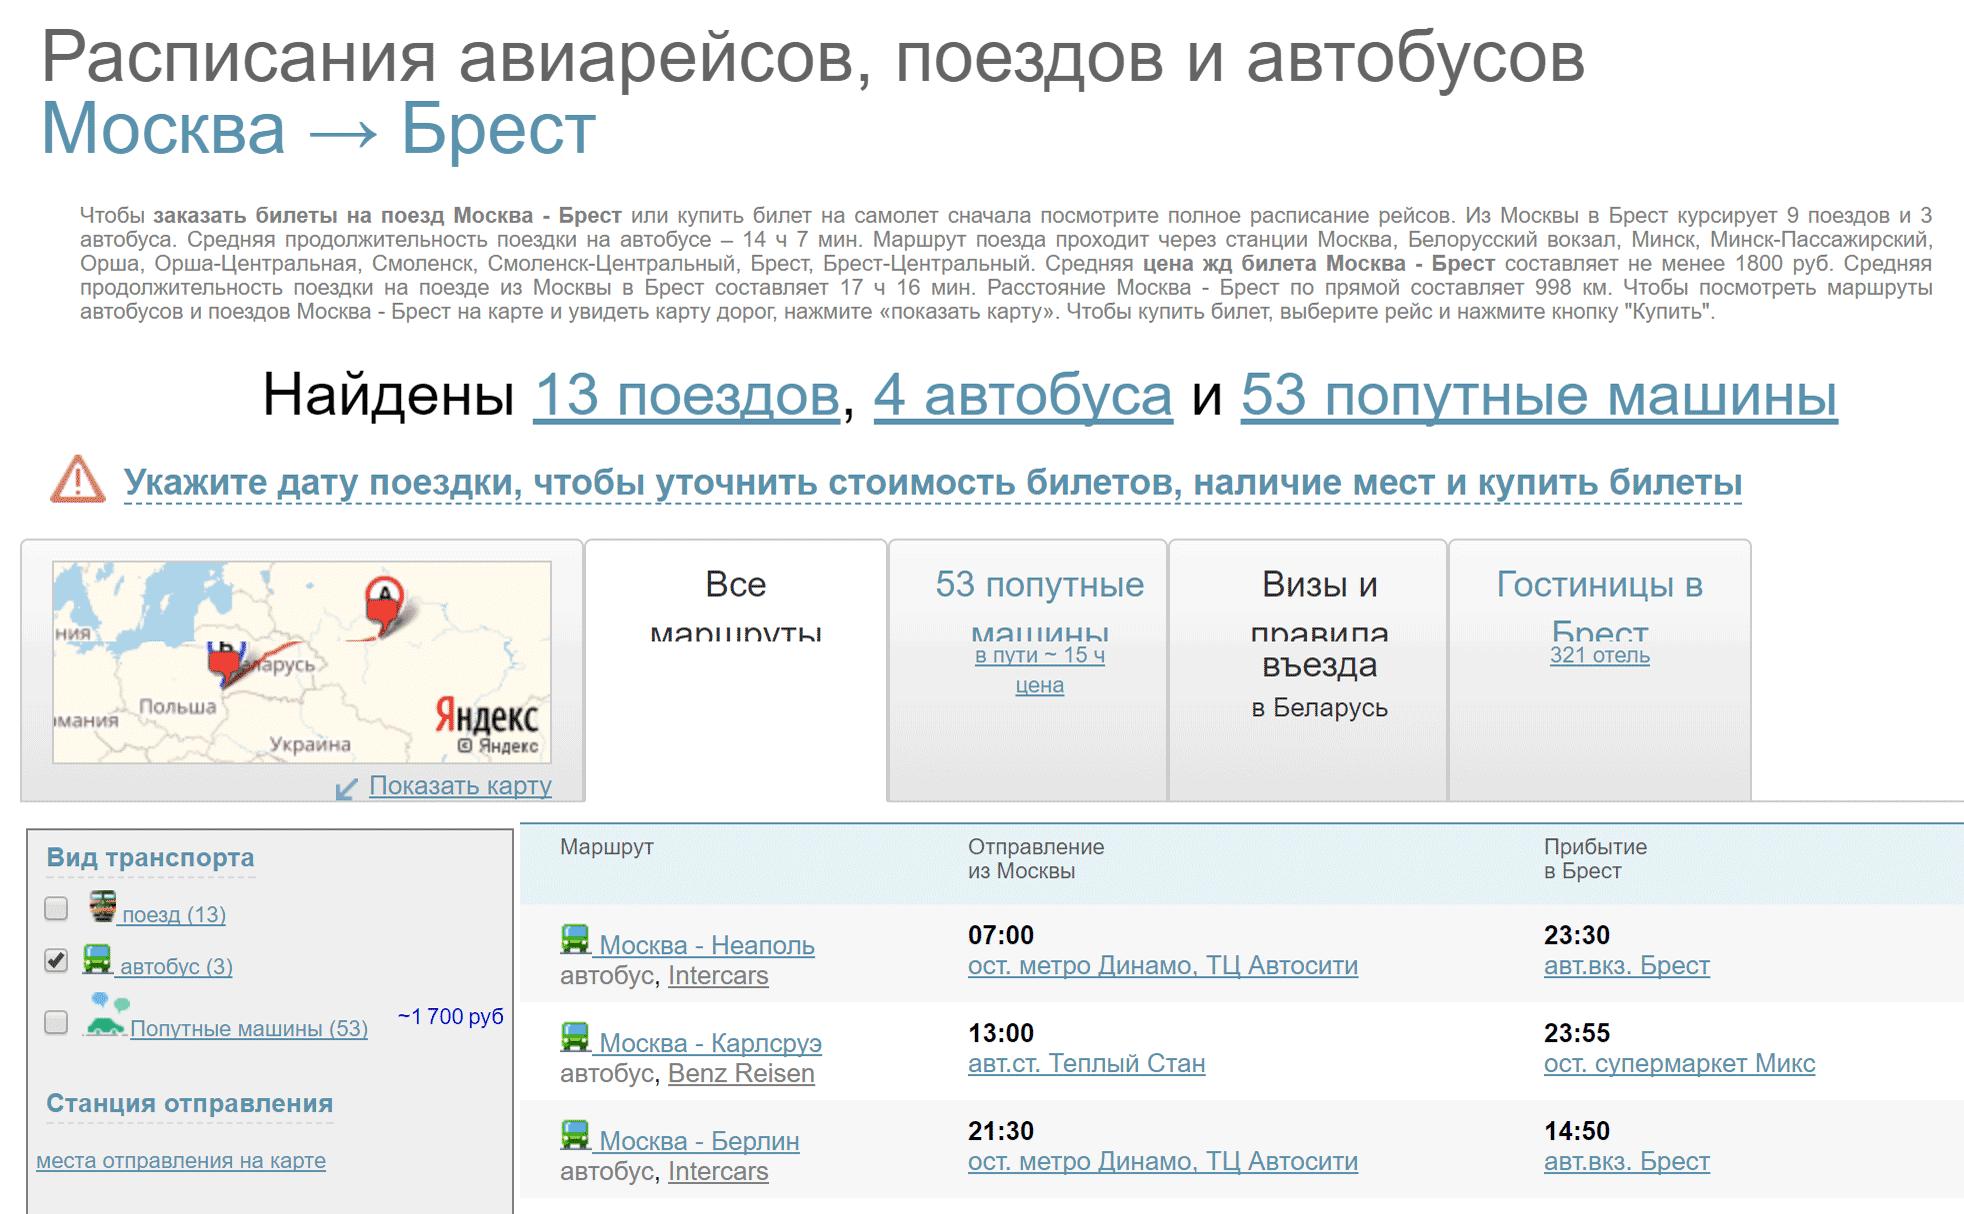 Расписание автобусов в Брест перевозчиком «Интеркарс»